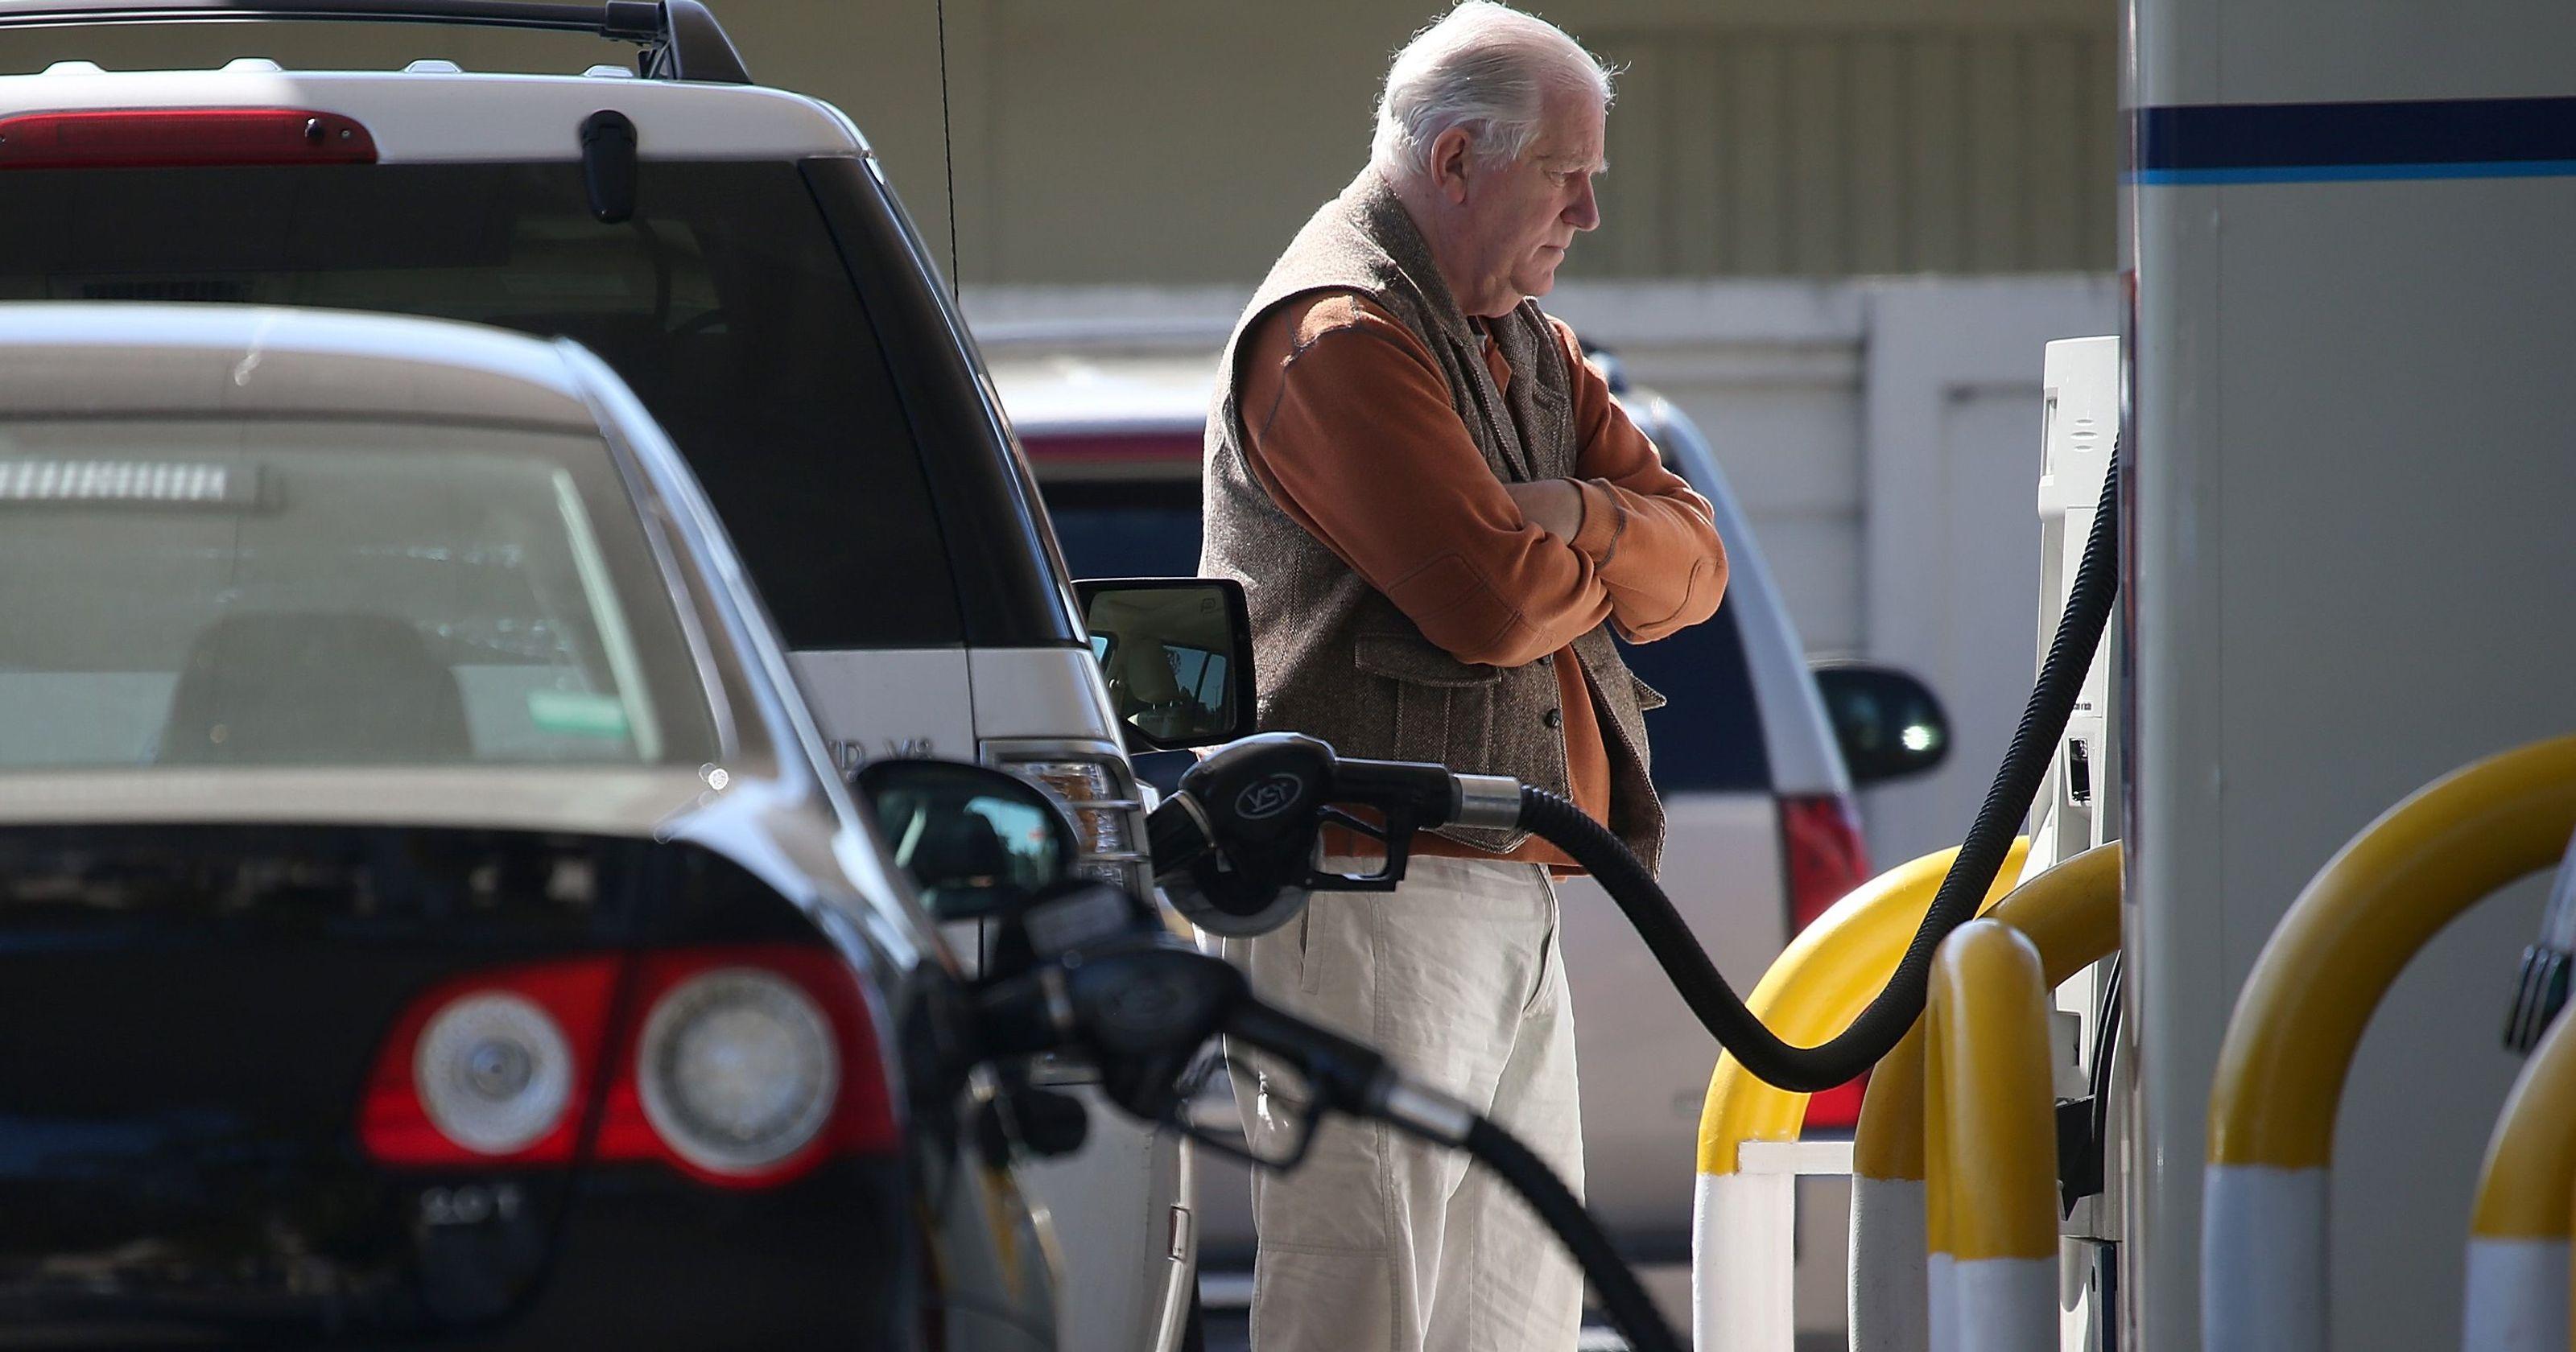 سناریوی سهمیه بندی بنزین از خرداد ماه/ رسیدن به نرخ فوب خلیج فارس، شاید زمانی دیگر/ قاچاق سوخت همچنان جذاب خواهد بود؟